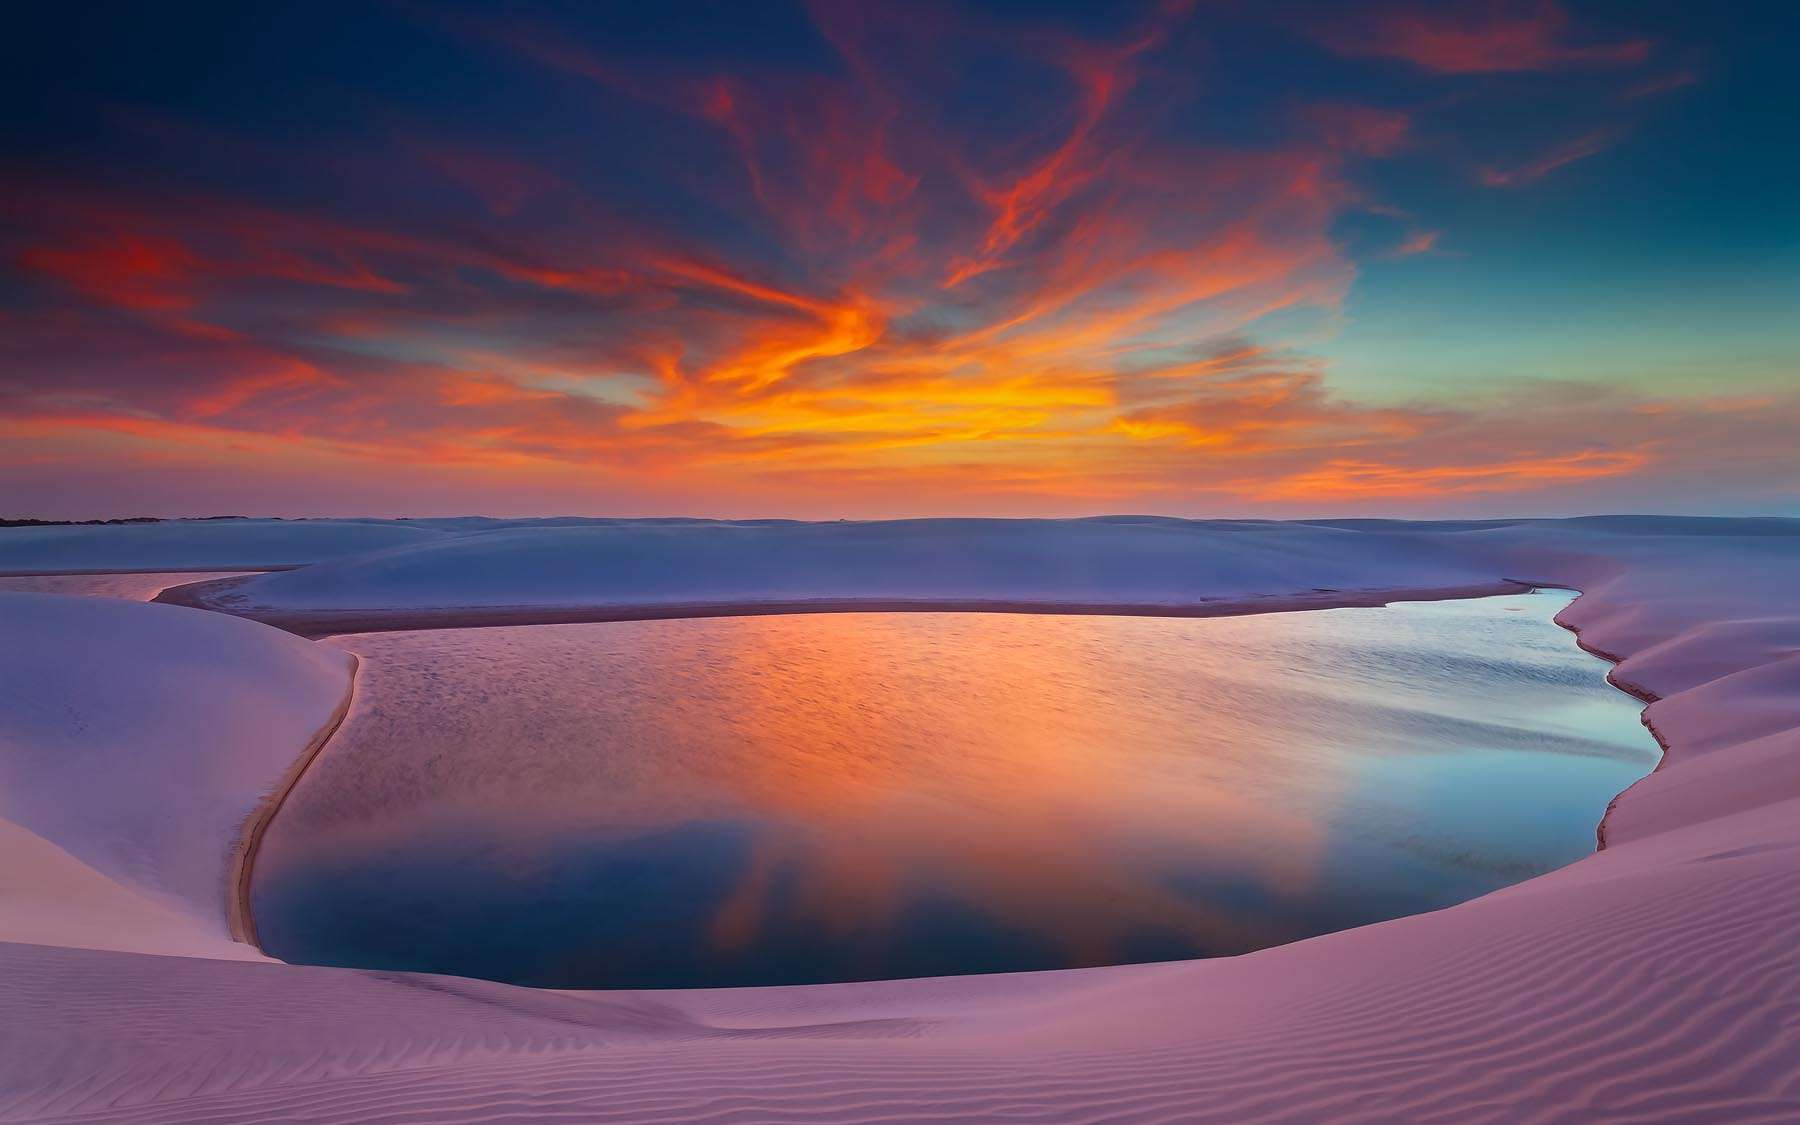 Sur la côte Atlantique, le Parc National des Lençóis Maranhenses, situé dans l'état du Maranhão, couvre une large bande au nord-est du Brésil. Ce qui ressemble à un mirage est pourtant bien réel. Au crépuscule, le soleil se reflète dans l'une des innombrables cuvettes lagunaires qui se remplissent d'eau douce à la saison des pluies. Certaines dunes peuvent atteindre 40 mètres de haut. Un instant magique sublimé par une légère saturation des couleurs.© Marcio Cabral, tous droits réservés